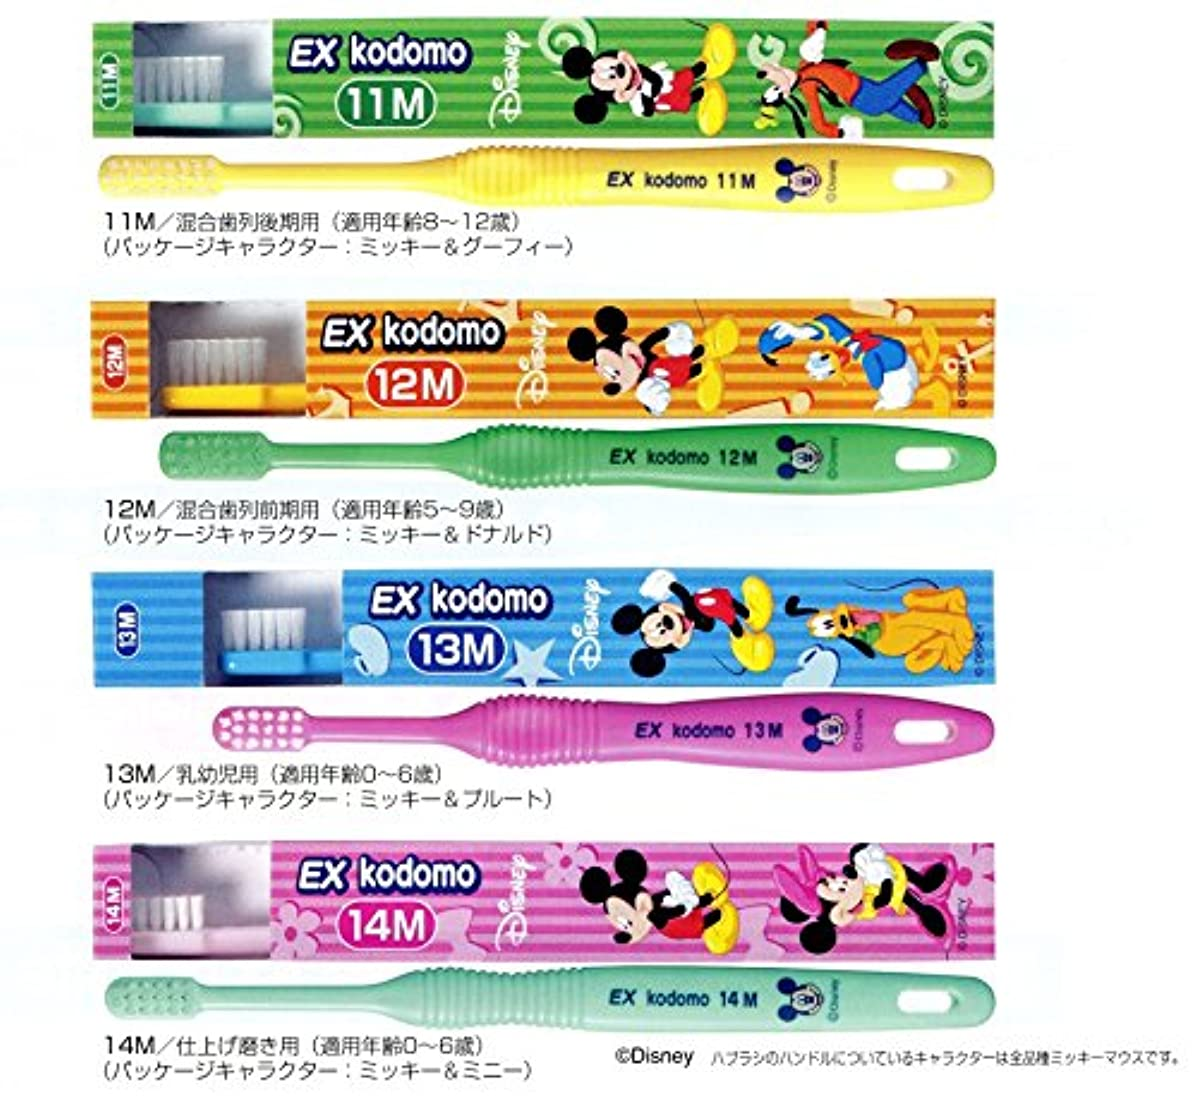 強化つかまえる自己ライオン コドモ ディズニー DENT.EX kodomo Disney 1本 11M ピンク (8?12歳)